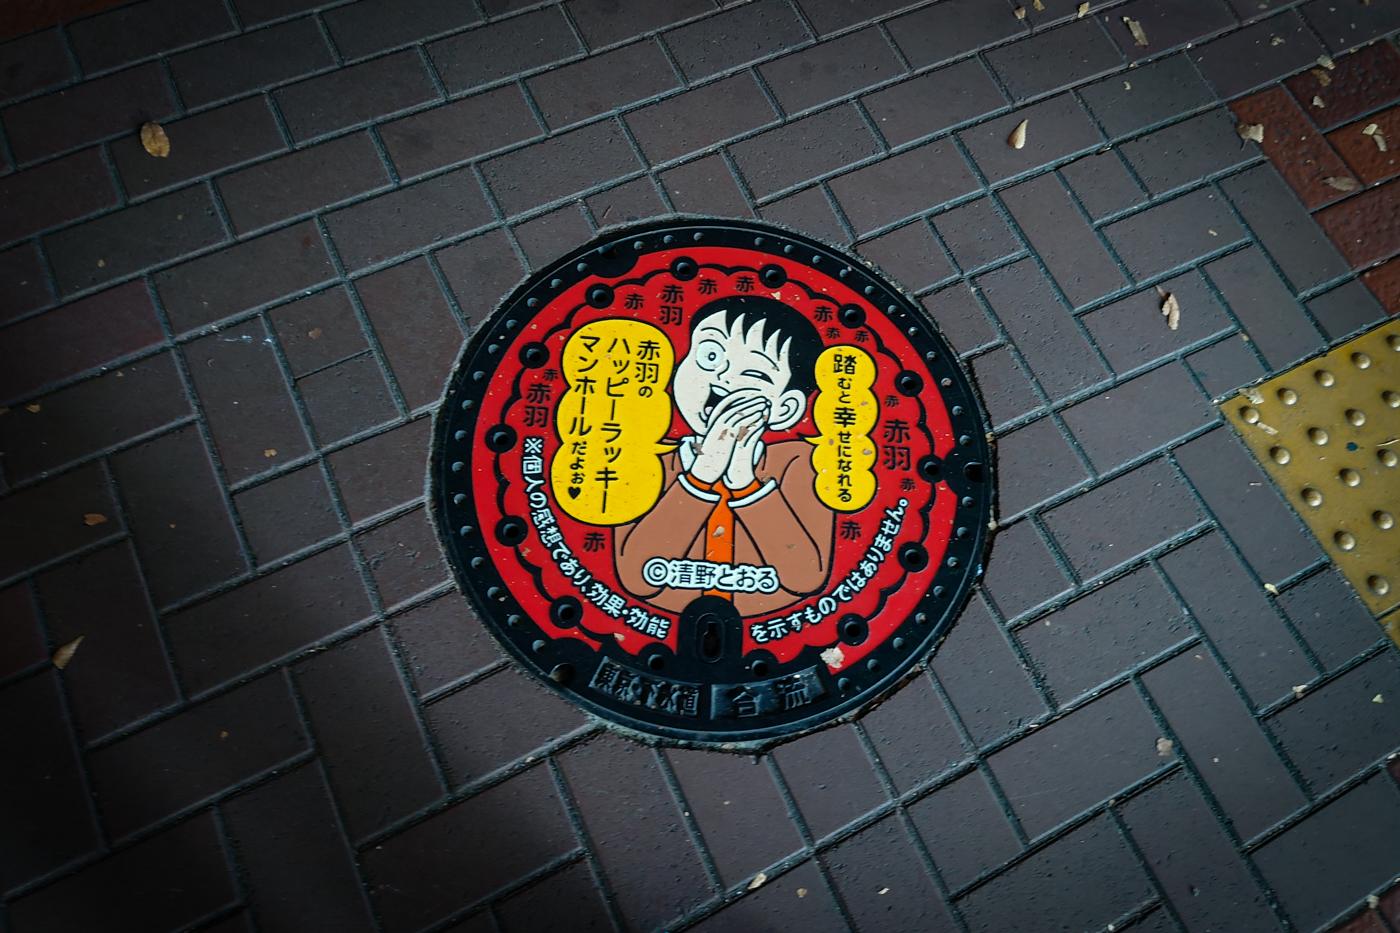 赤羽で清野とおる先生デザインのマンホールカードをGETしてきたっ!